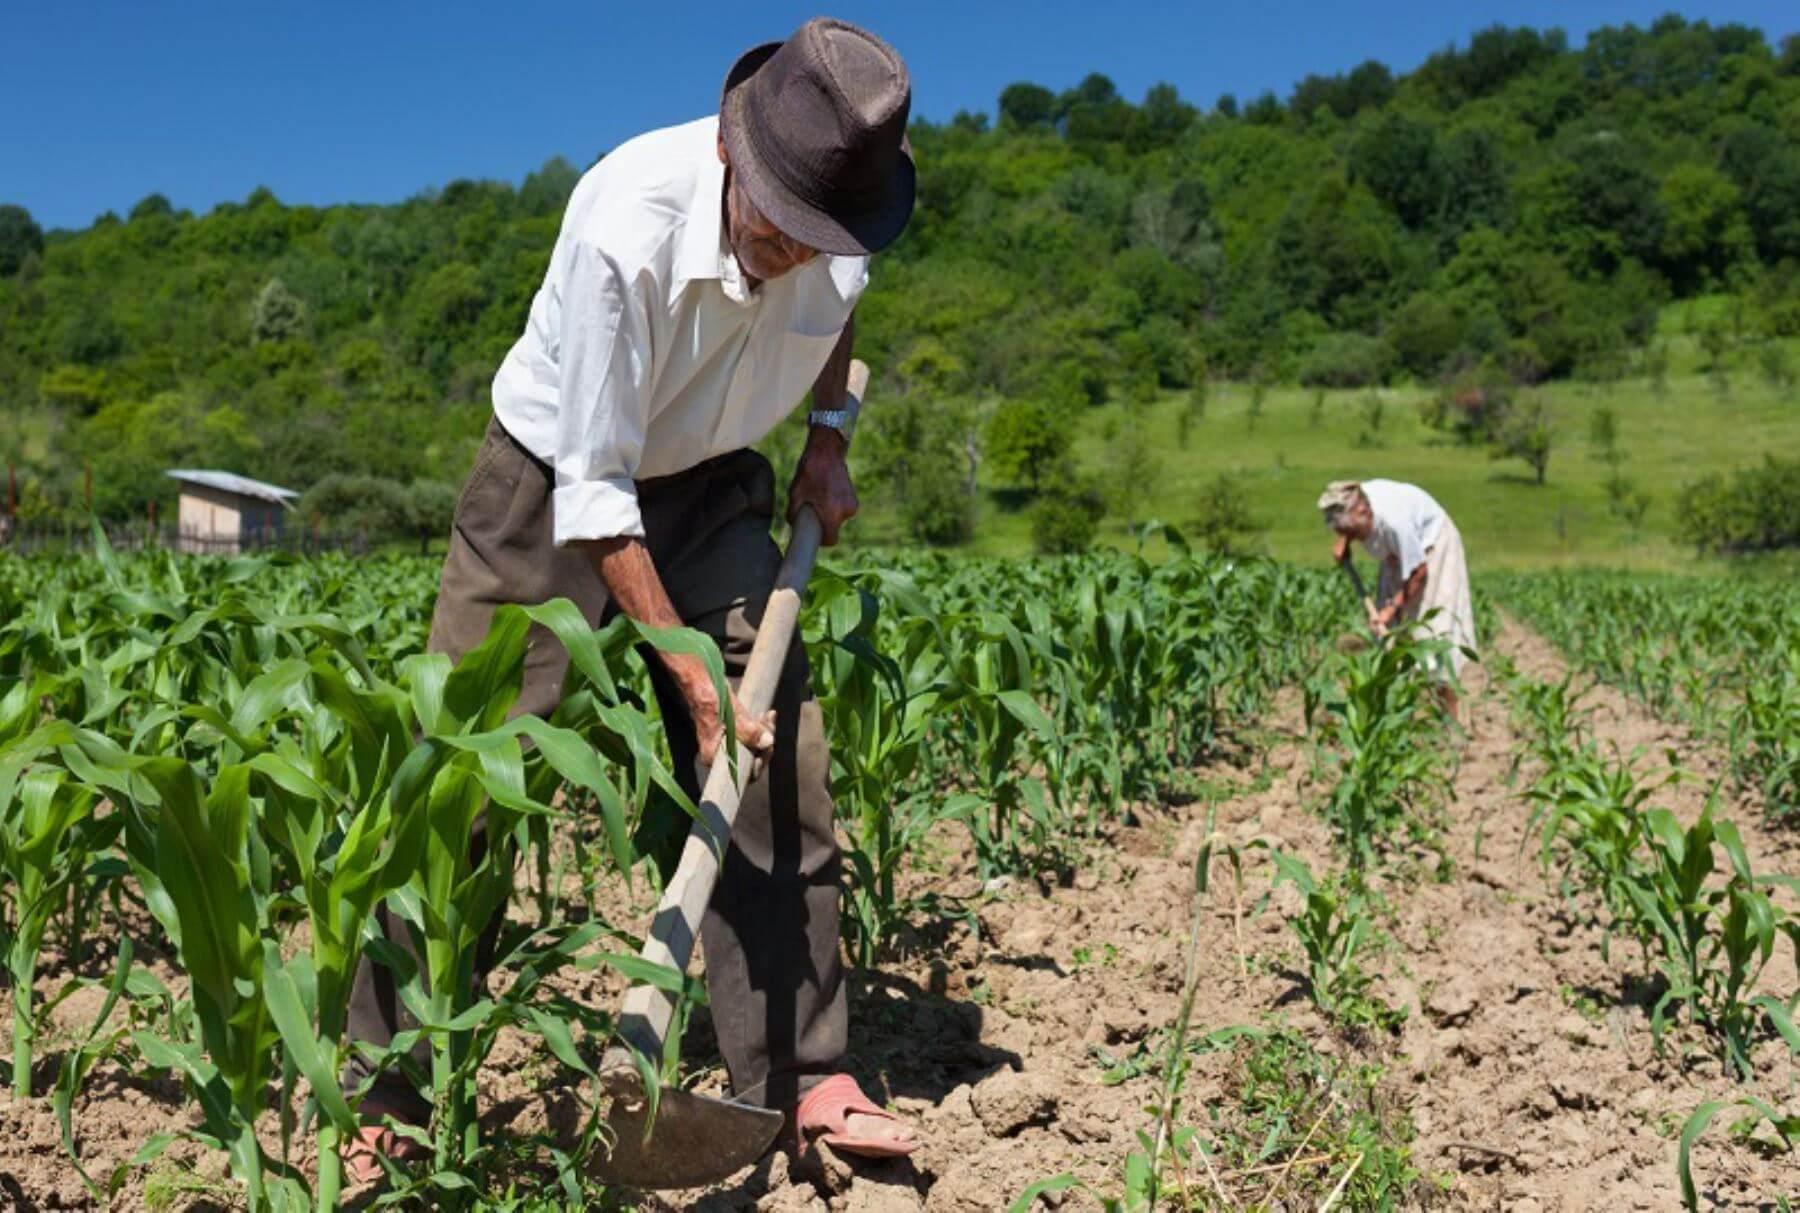 Êxodo rural: o que é, causas, consequências e os impactos no agronegócio